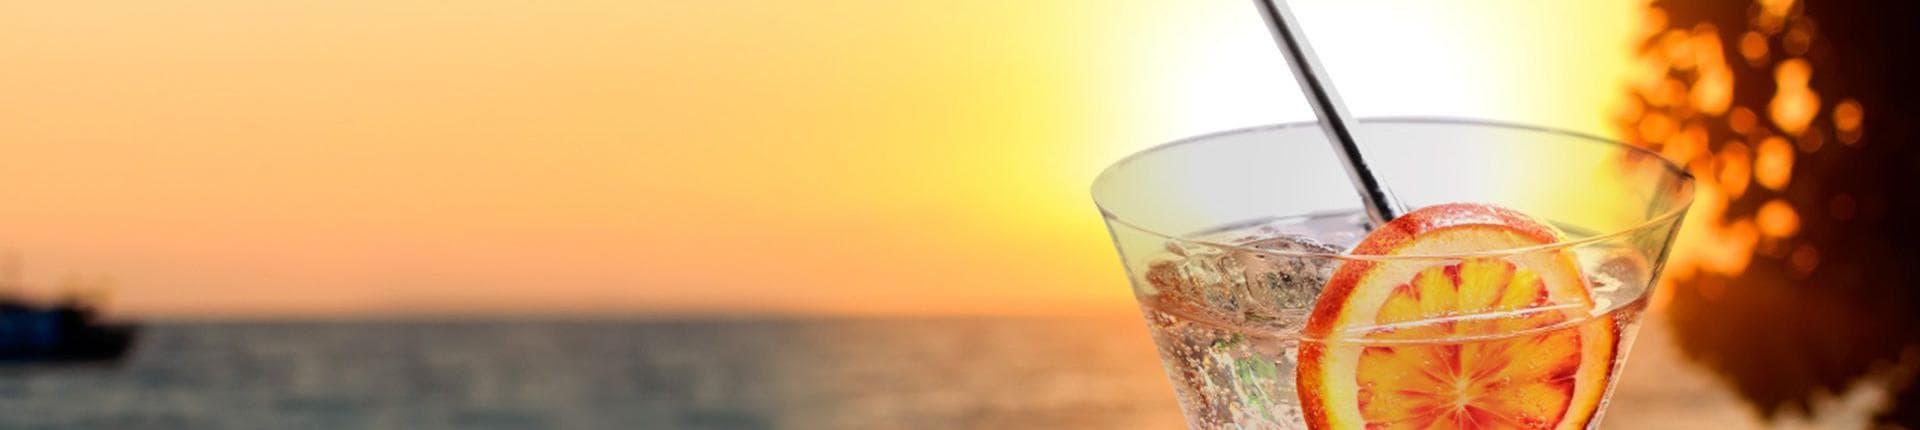 cocktails détente à base d'eau gazeuse